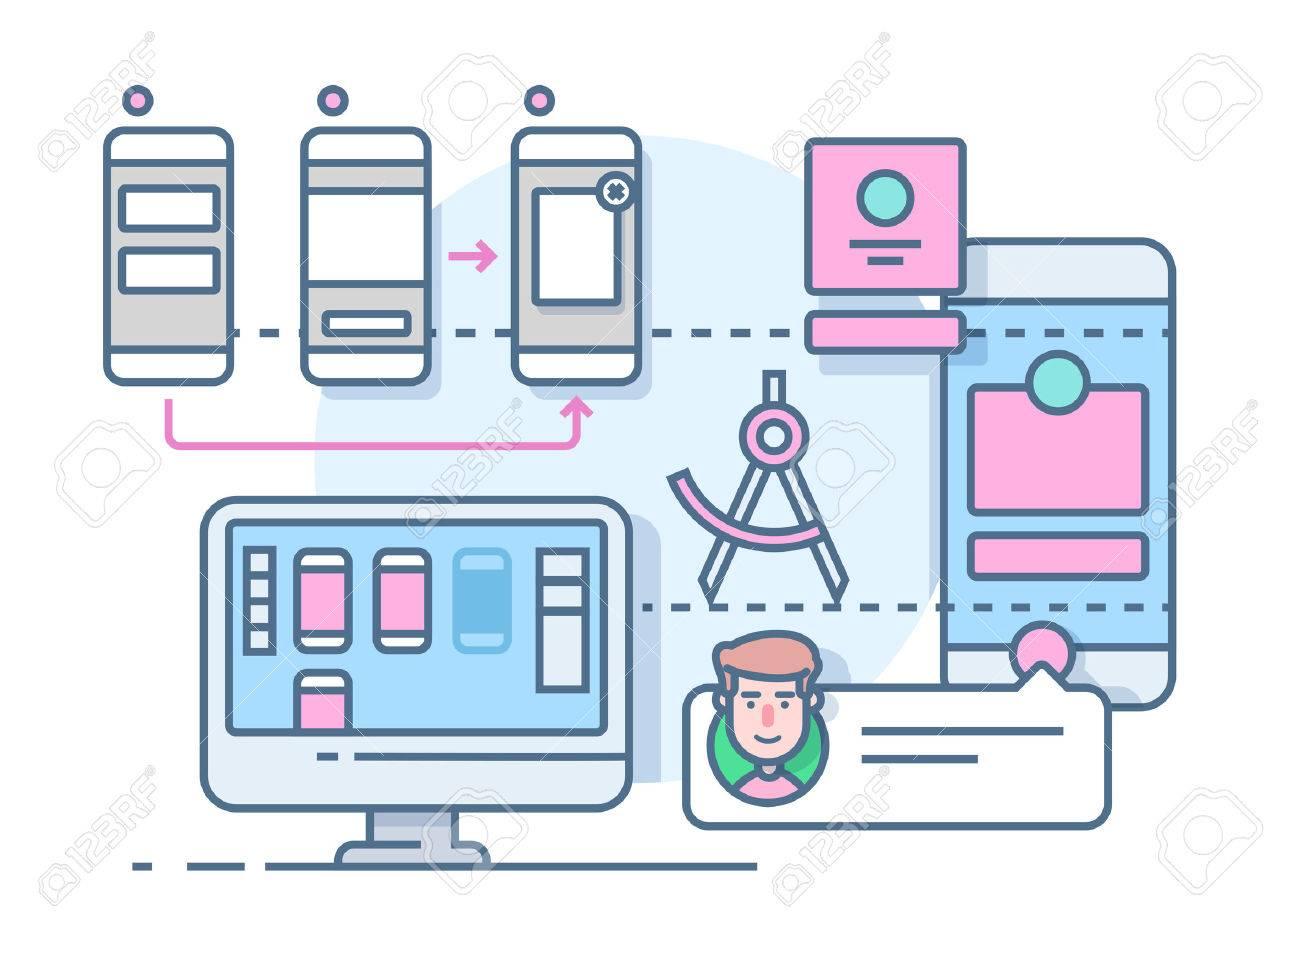 UX UI design flat. Mobile interface, website internet, development media page, illustration - 52582063